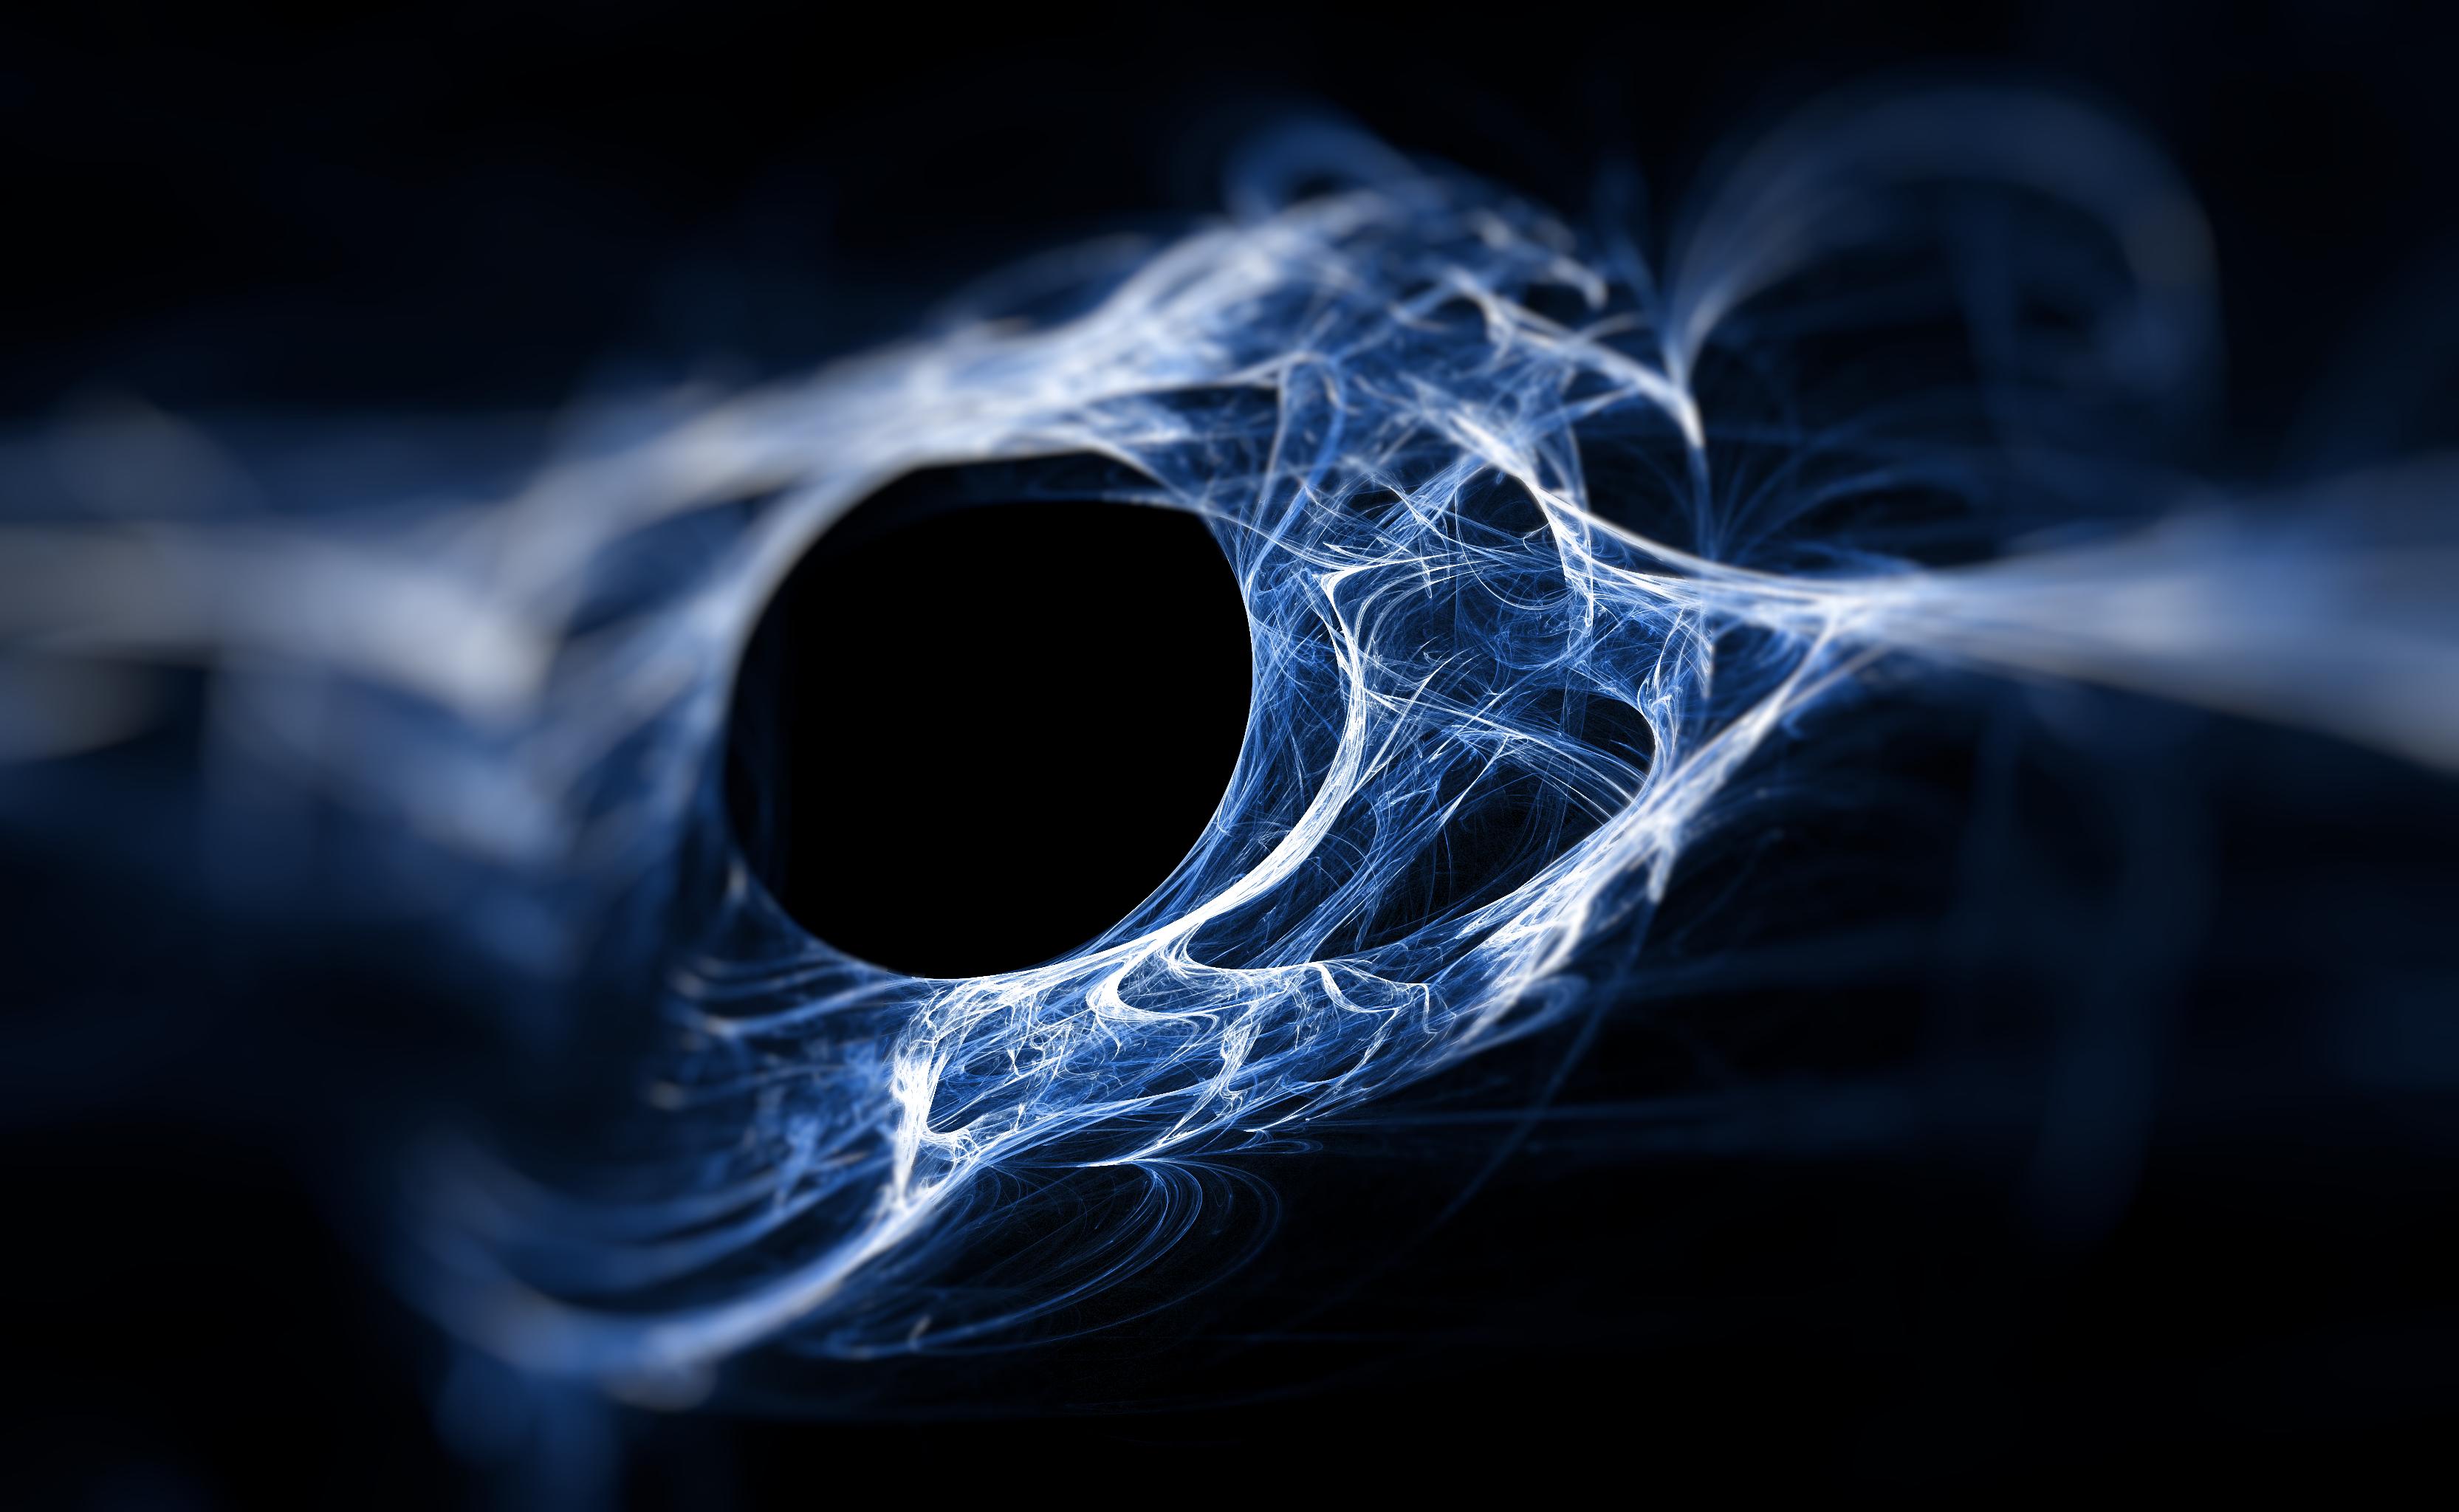 virtual_synapse_by_deldaran-d4w59cw.png